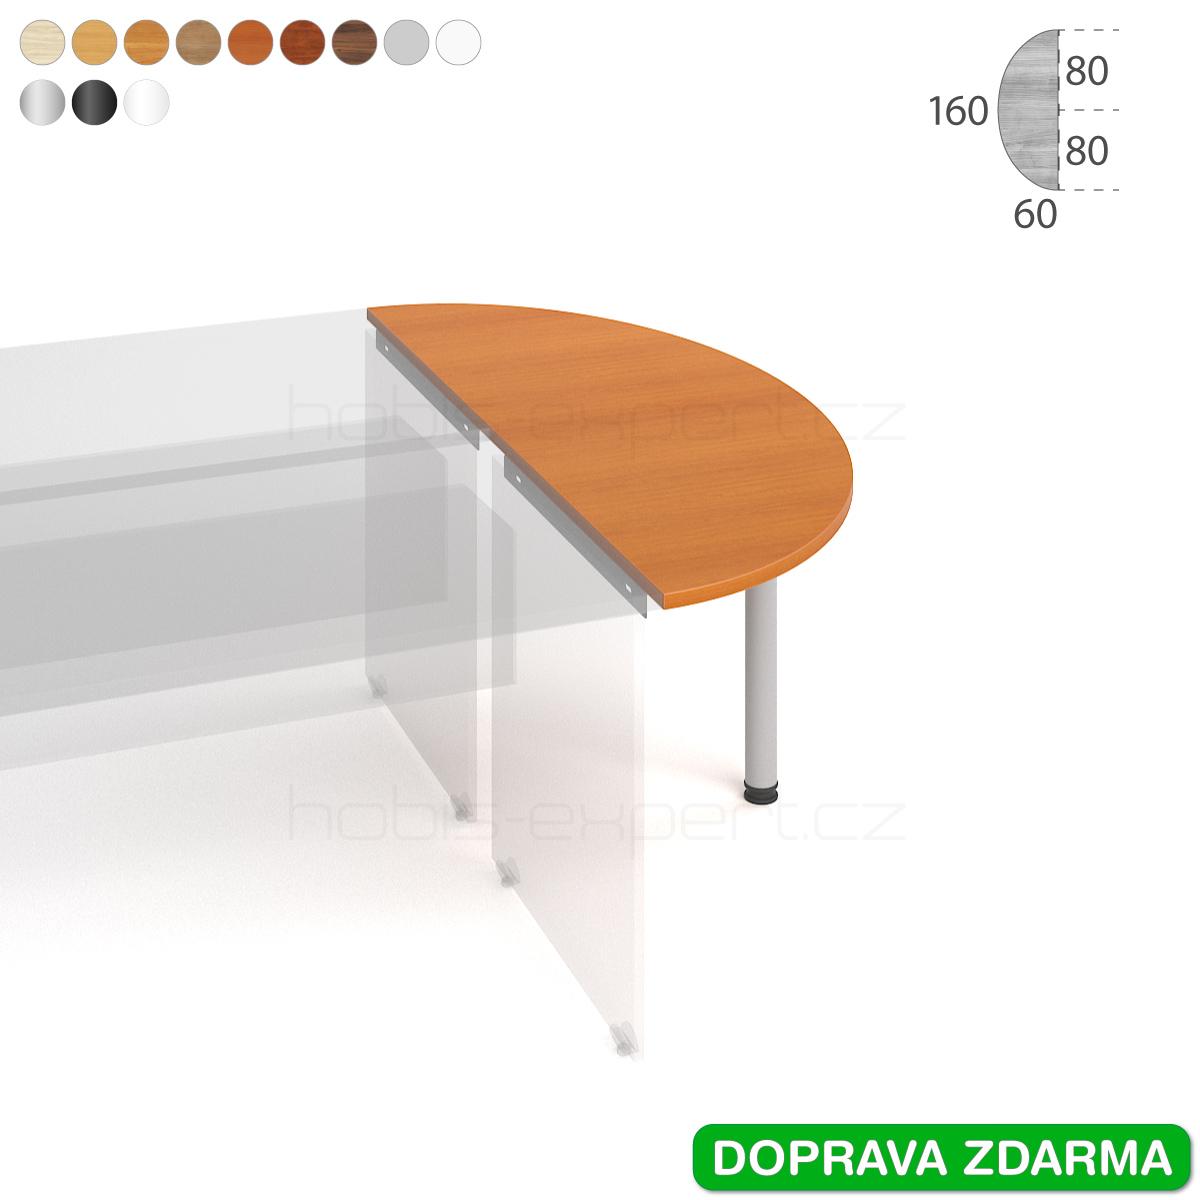 GP 160 Hobis Gate - Stůl přídavný 160 x 60 půlelipsa